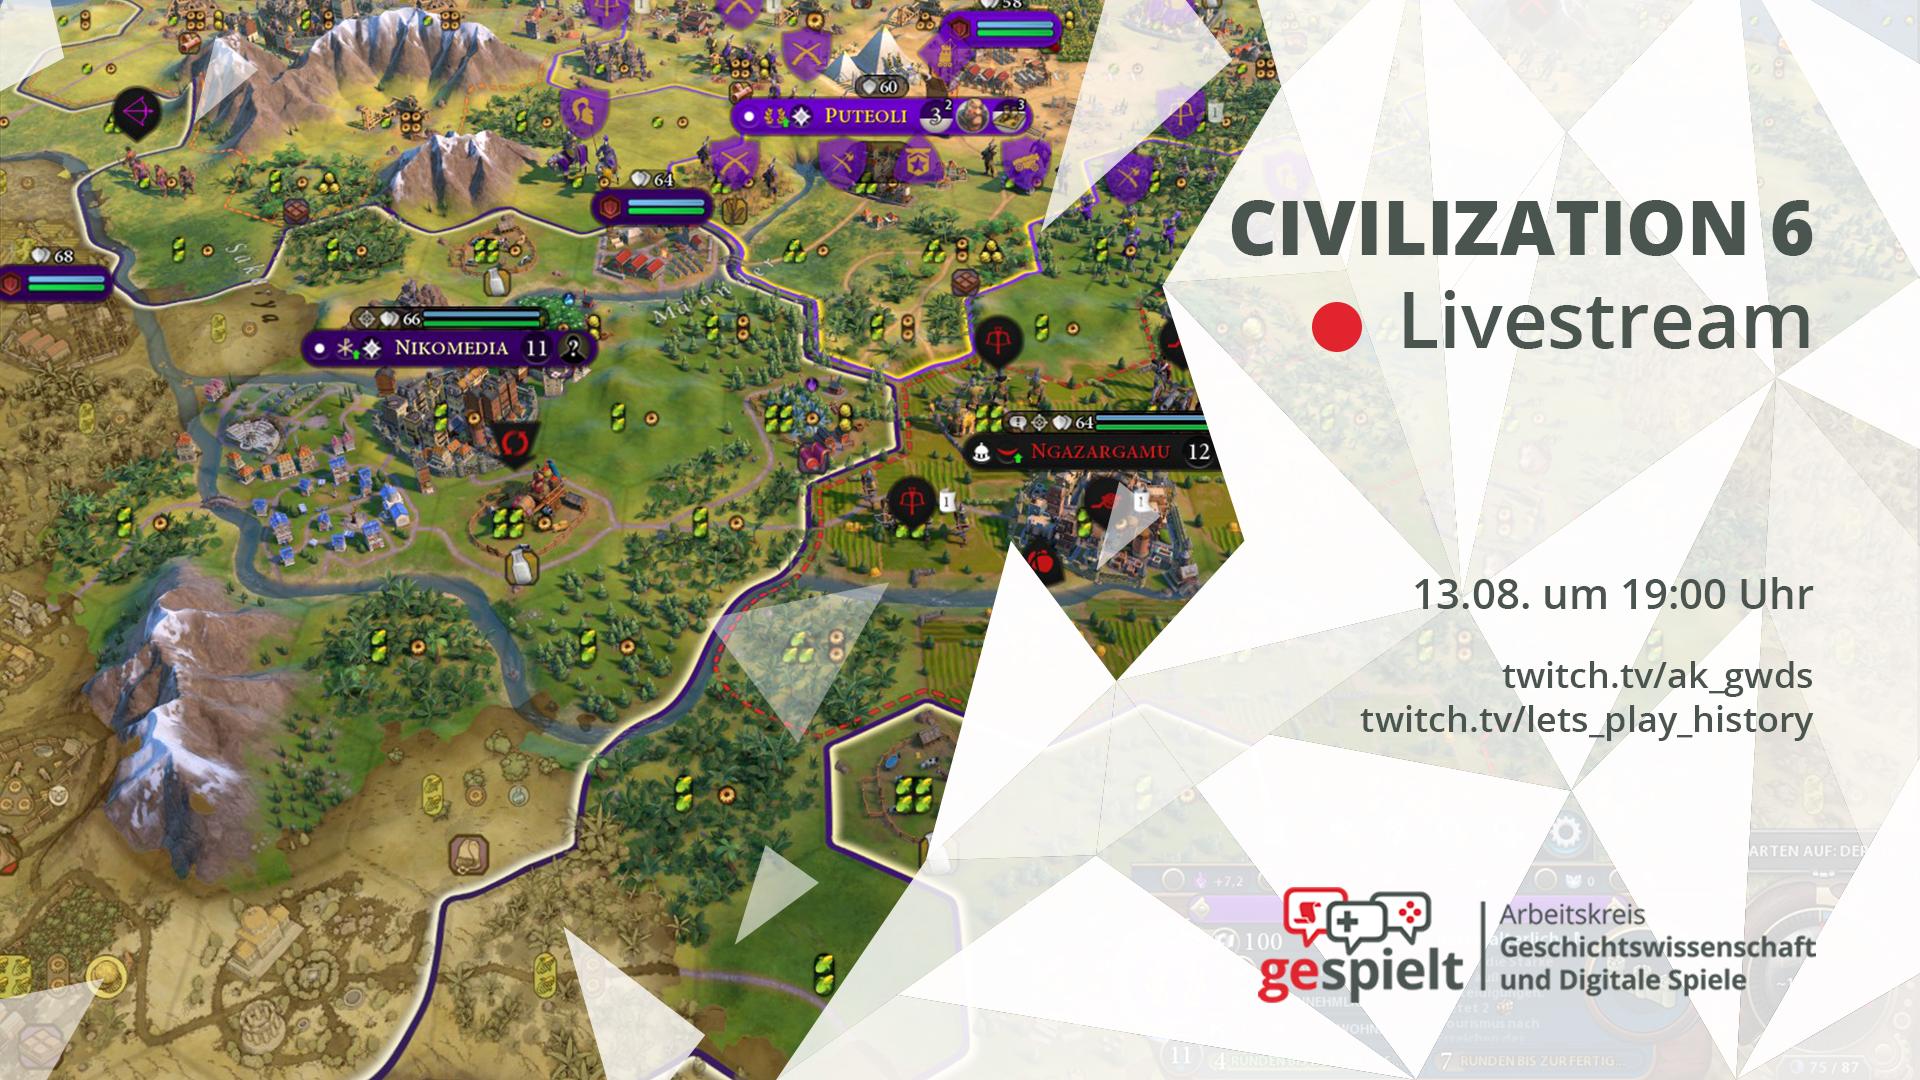 Der Stream zu Civilization 6 des AK GWDS ist am 13.08. um 19:00 Uhr auf  twitch.tv/ak_gwds und twitch.tv/lets_play_history